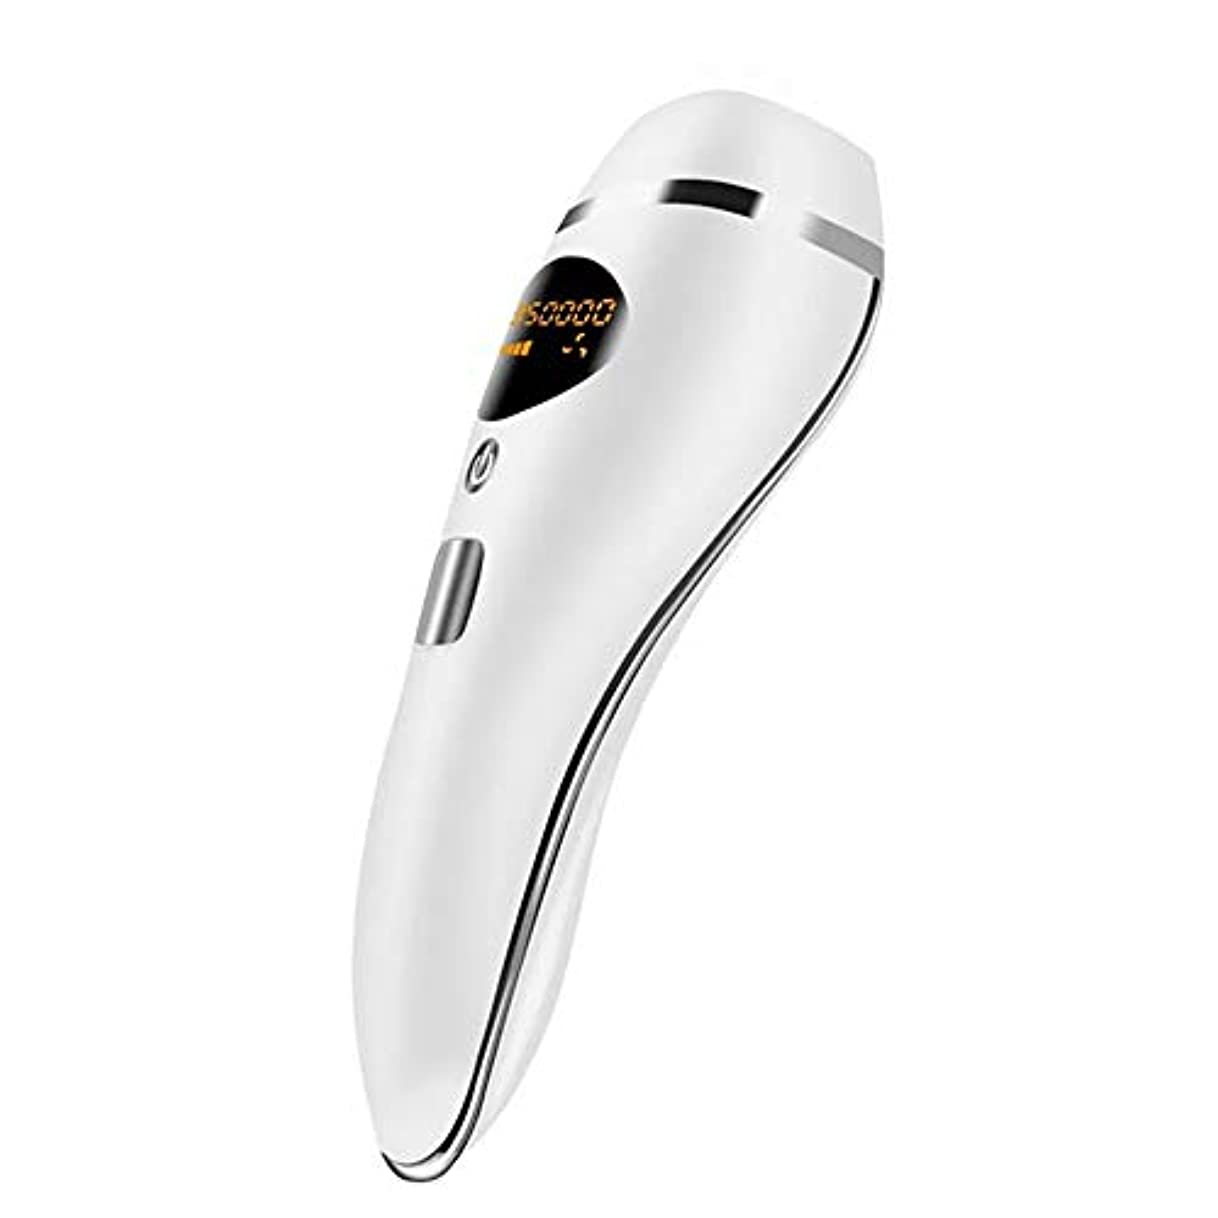 航海湿度プライムIPL脱毛システムライト脱毛器、600000回の点滅美容デバイスは、長期的な毛の成長を軽減します-5つの強度レベル,白